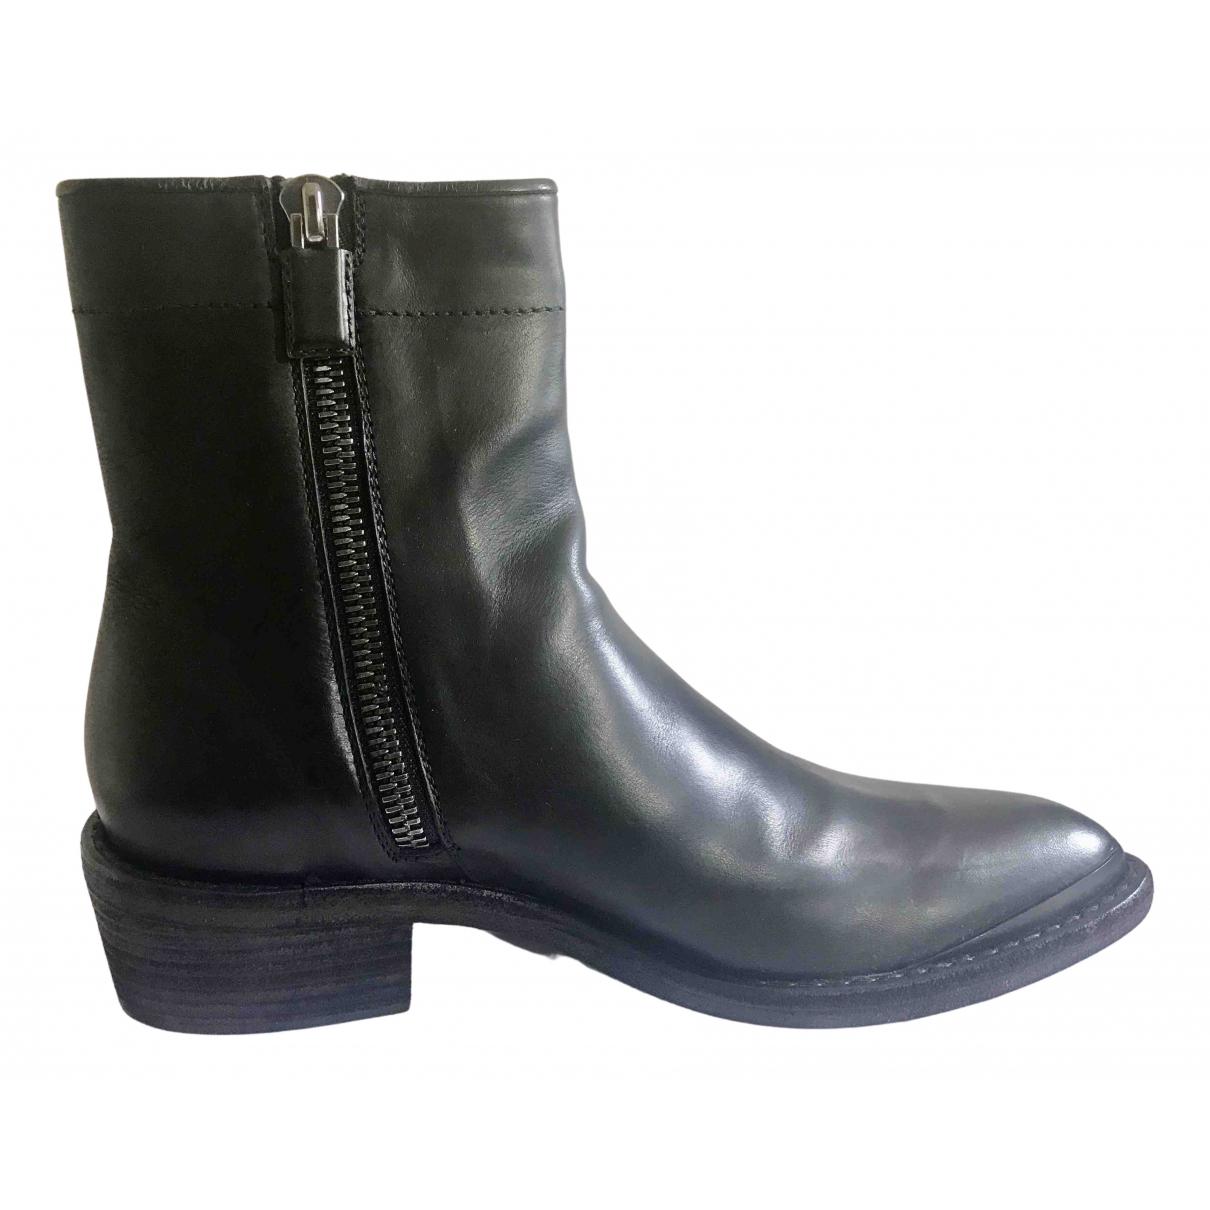 Haider Ackermann - Bottes.Boots   pour homme en cuir - noir